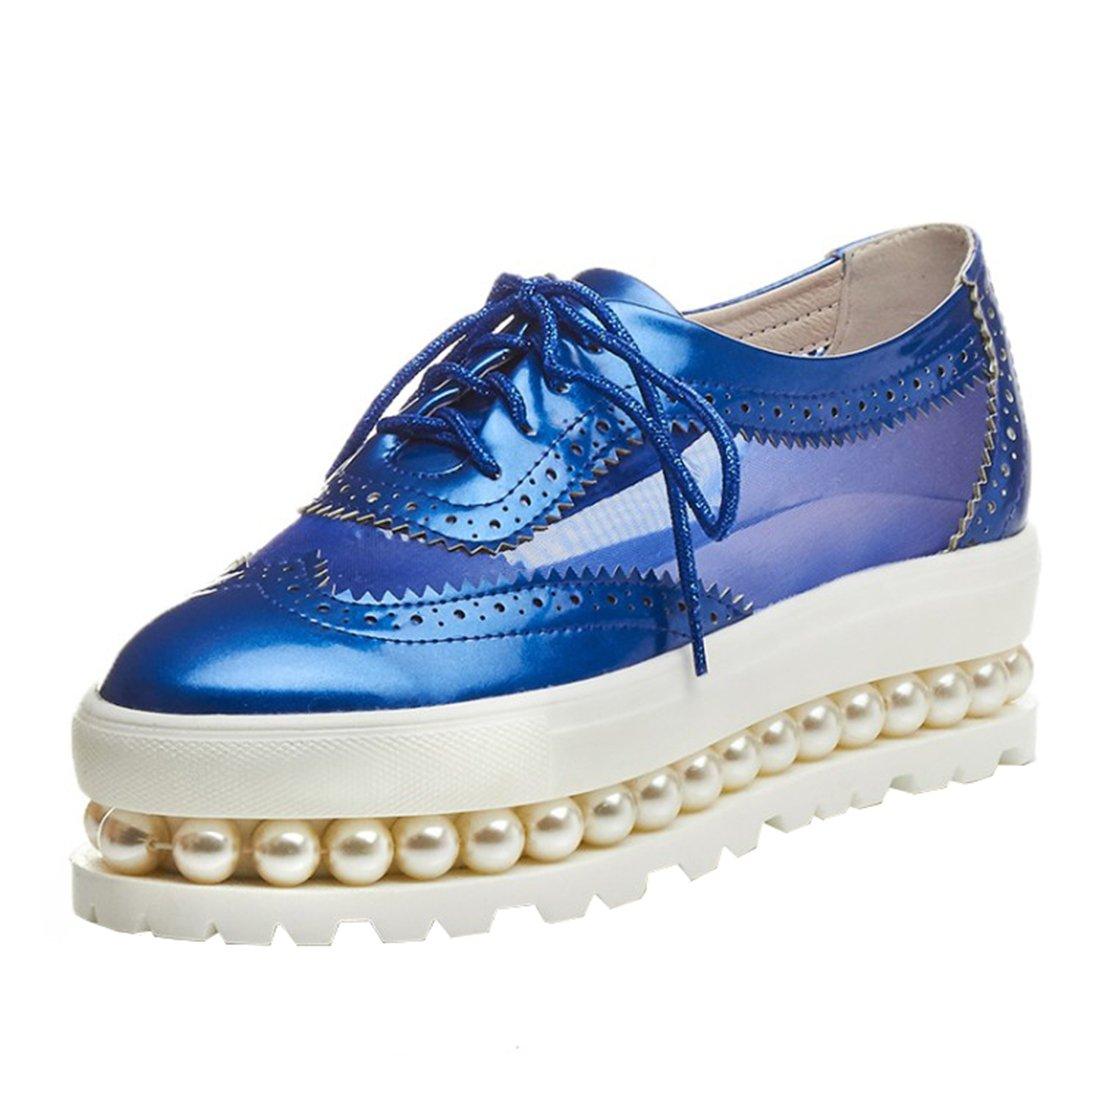 UH Damen Vintage Flach Geschlossen Plateau Pumps mit Schnuuml;rung und Perlen 5cm Absatz Freizeit Schuhe39 EU|Blau